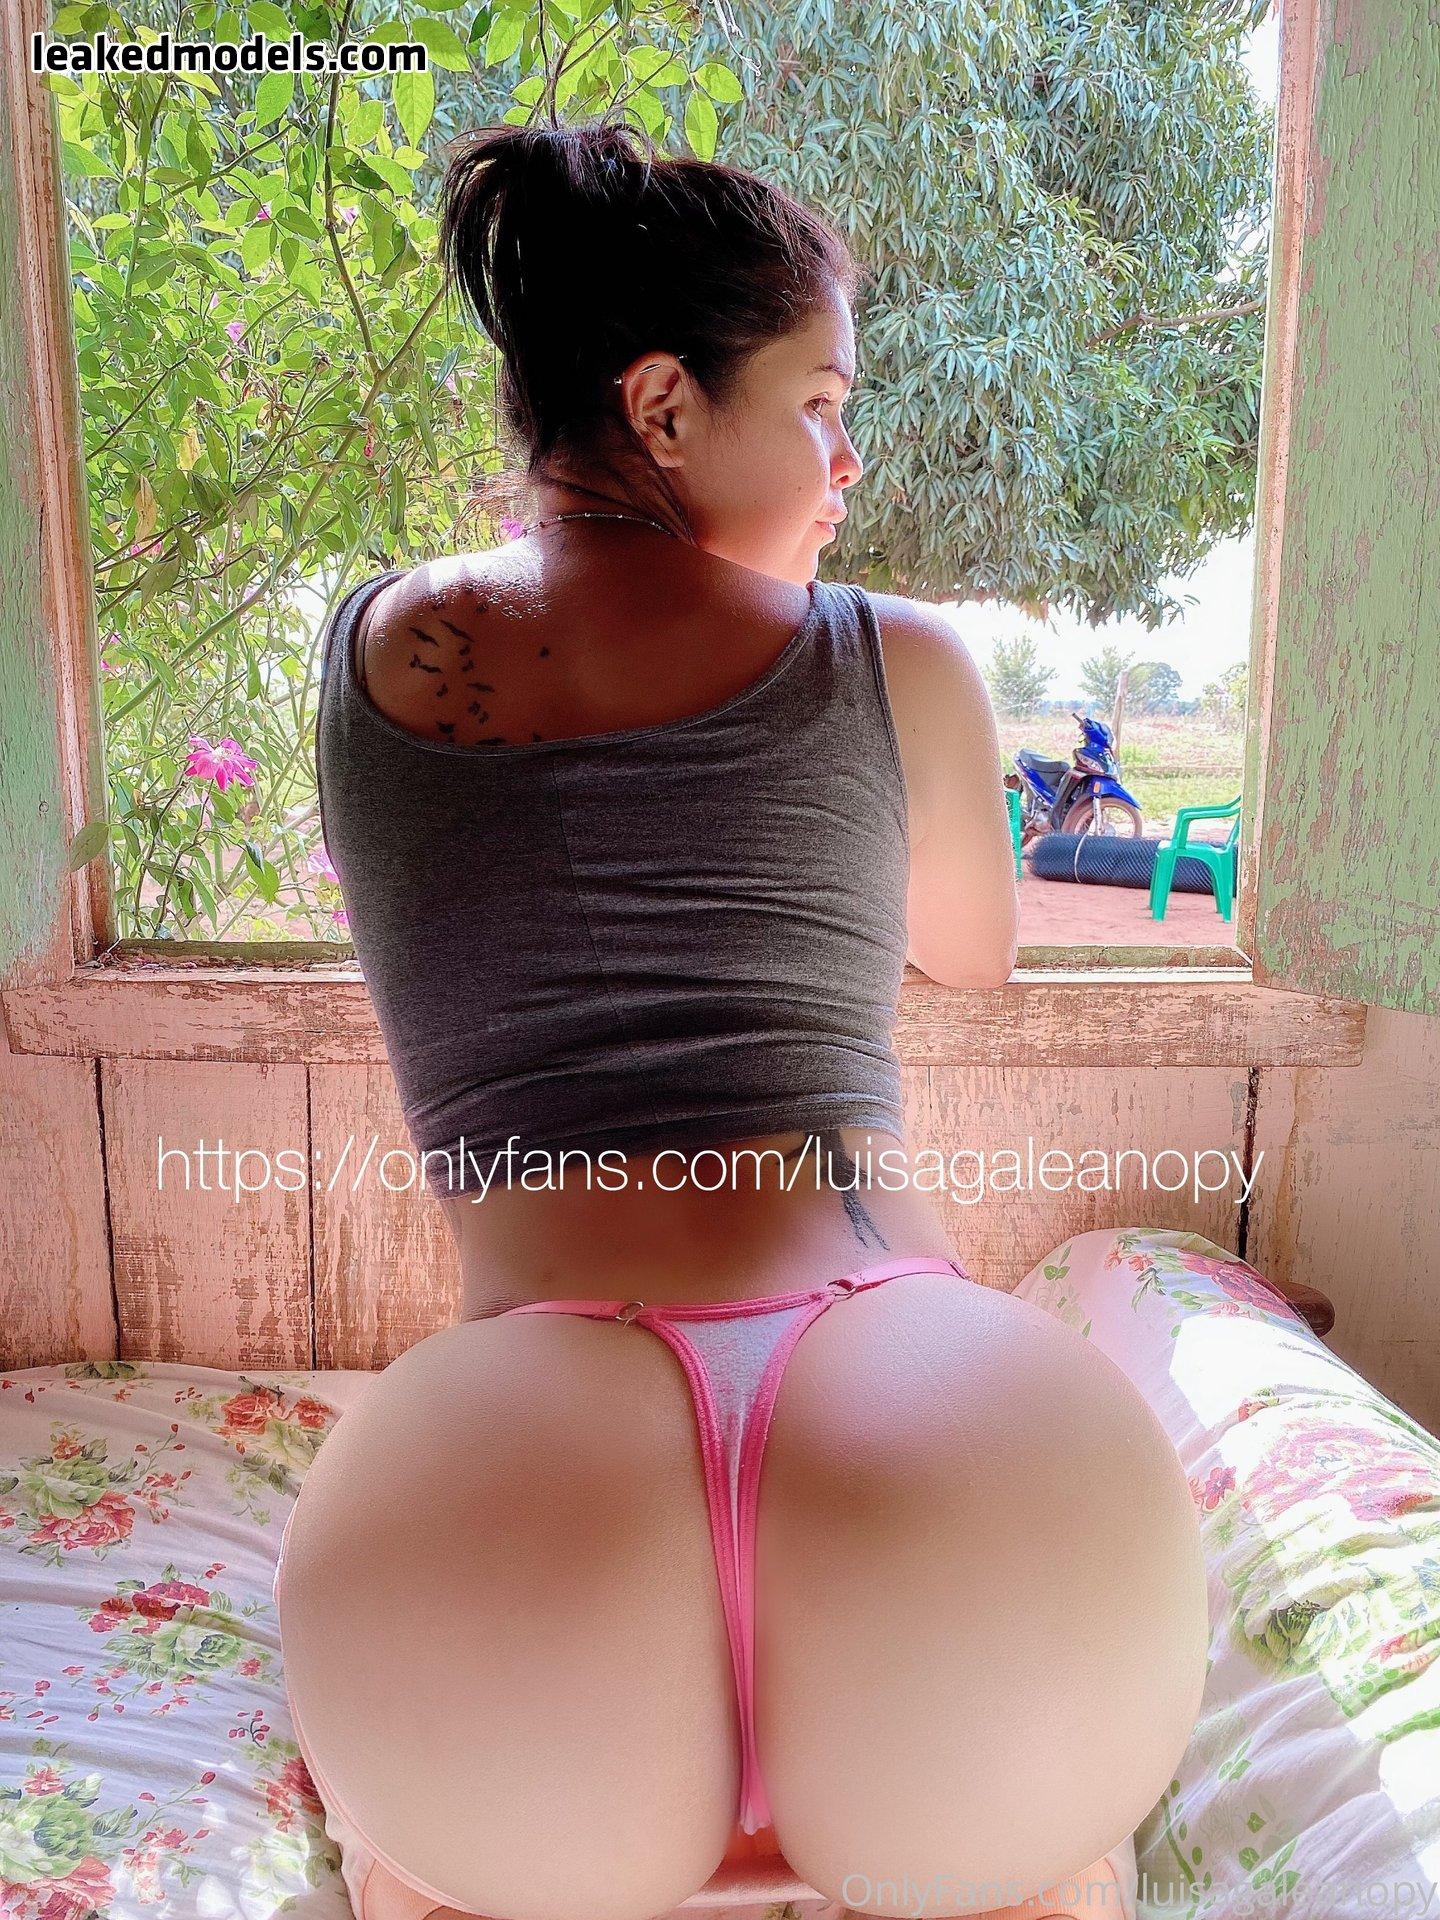 Luisa Galeano – luisagaleanopy OnlyFans Nude Leaks (27 Photos)